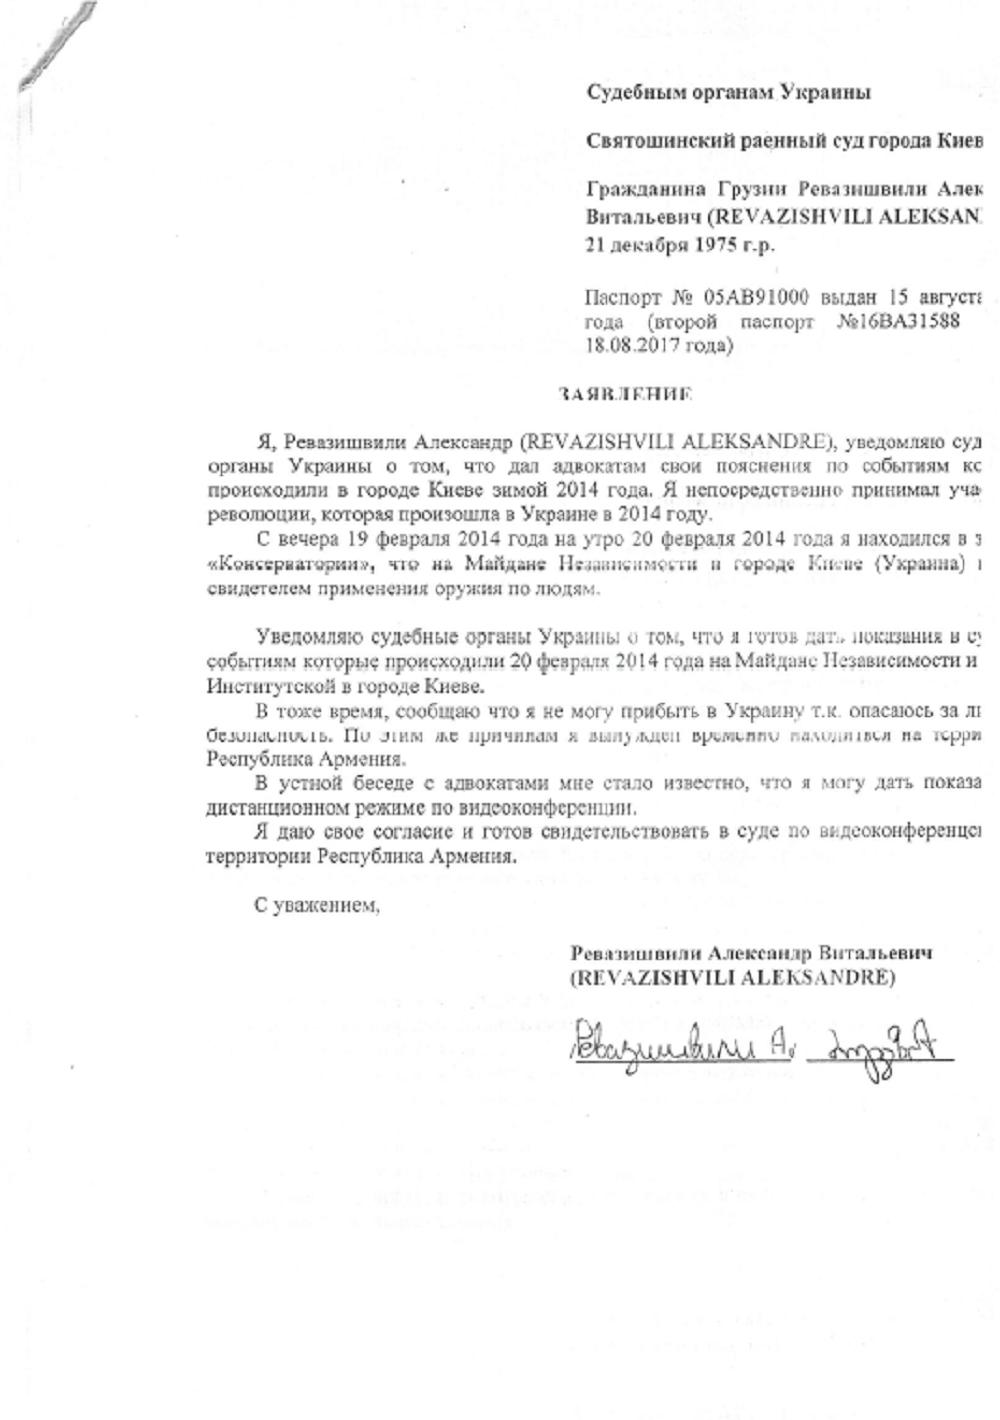 亞歷山大·列瓦濟拉什維利的證詞。他願意為此作證,但不是在烏克蘭,原因是為自己的性命擔憂。截屏上寫的是,他願意通過電視會議從亞美尼亞在法庭上作證。他目前在亞美尼亞。